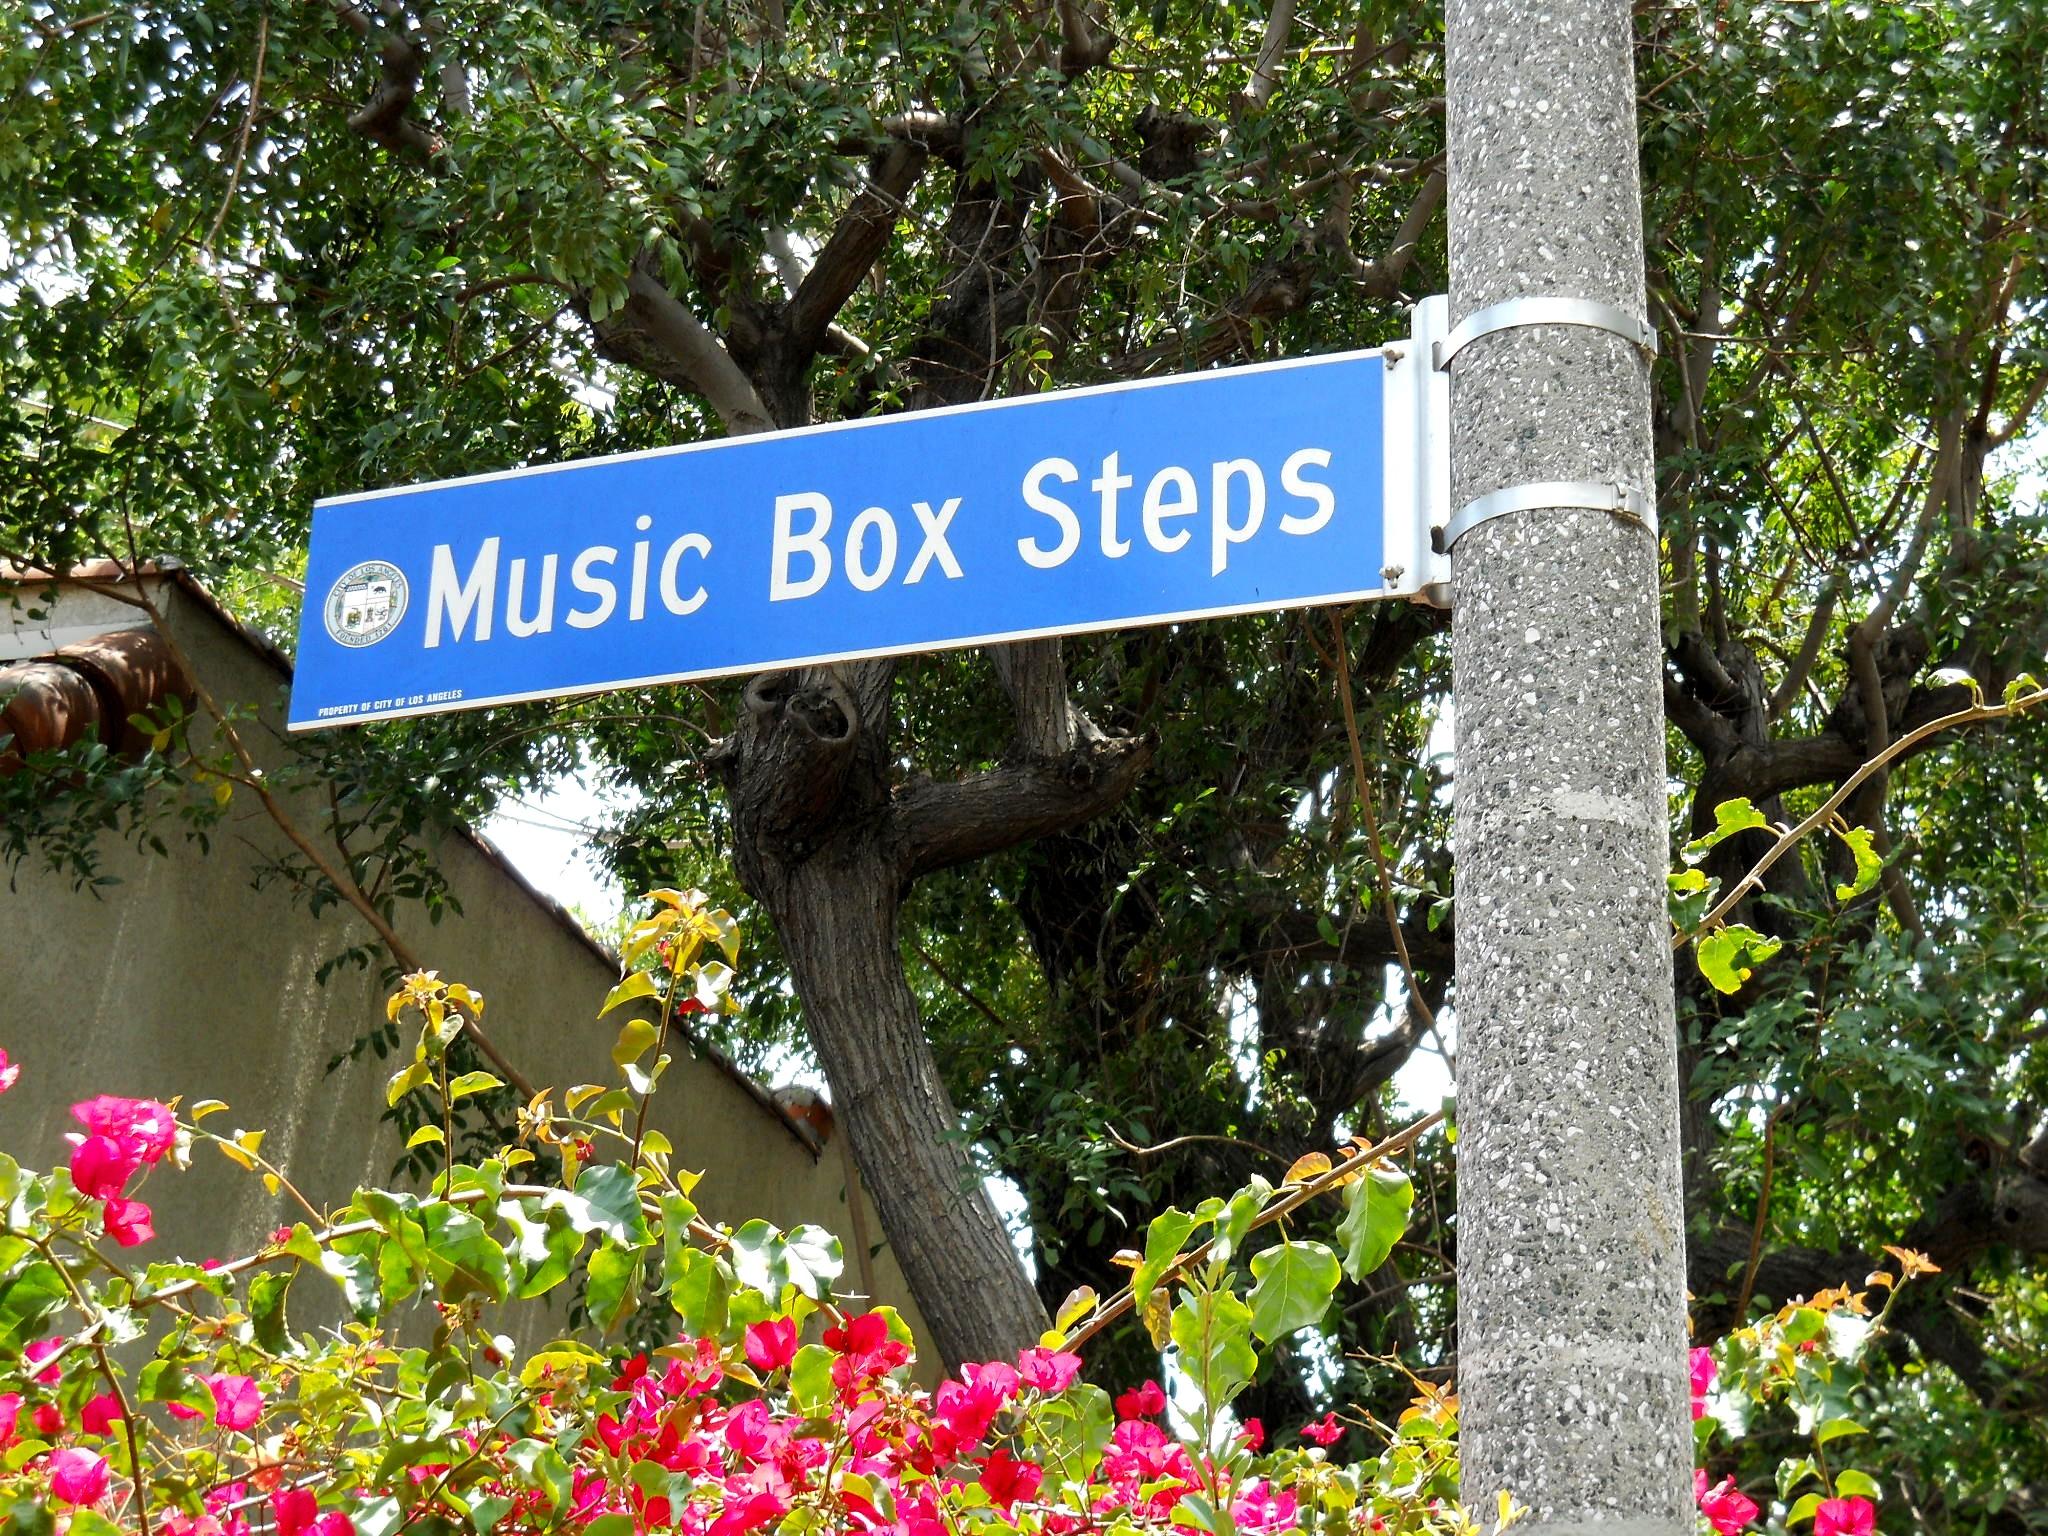 Music Box Steps Los Angeles The-music-box-music-box-steps